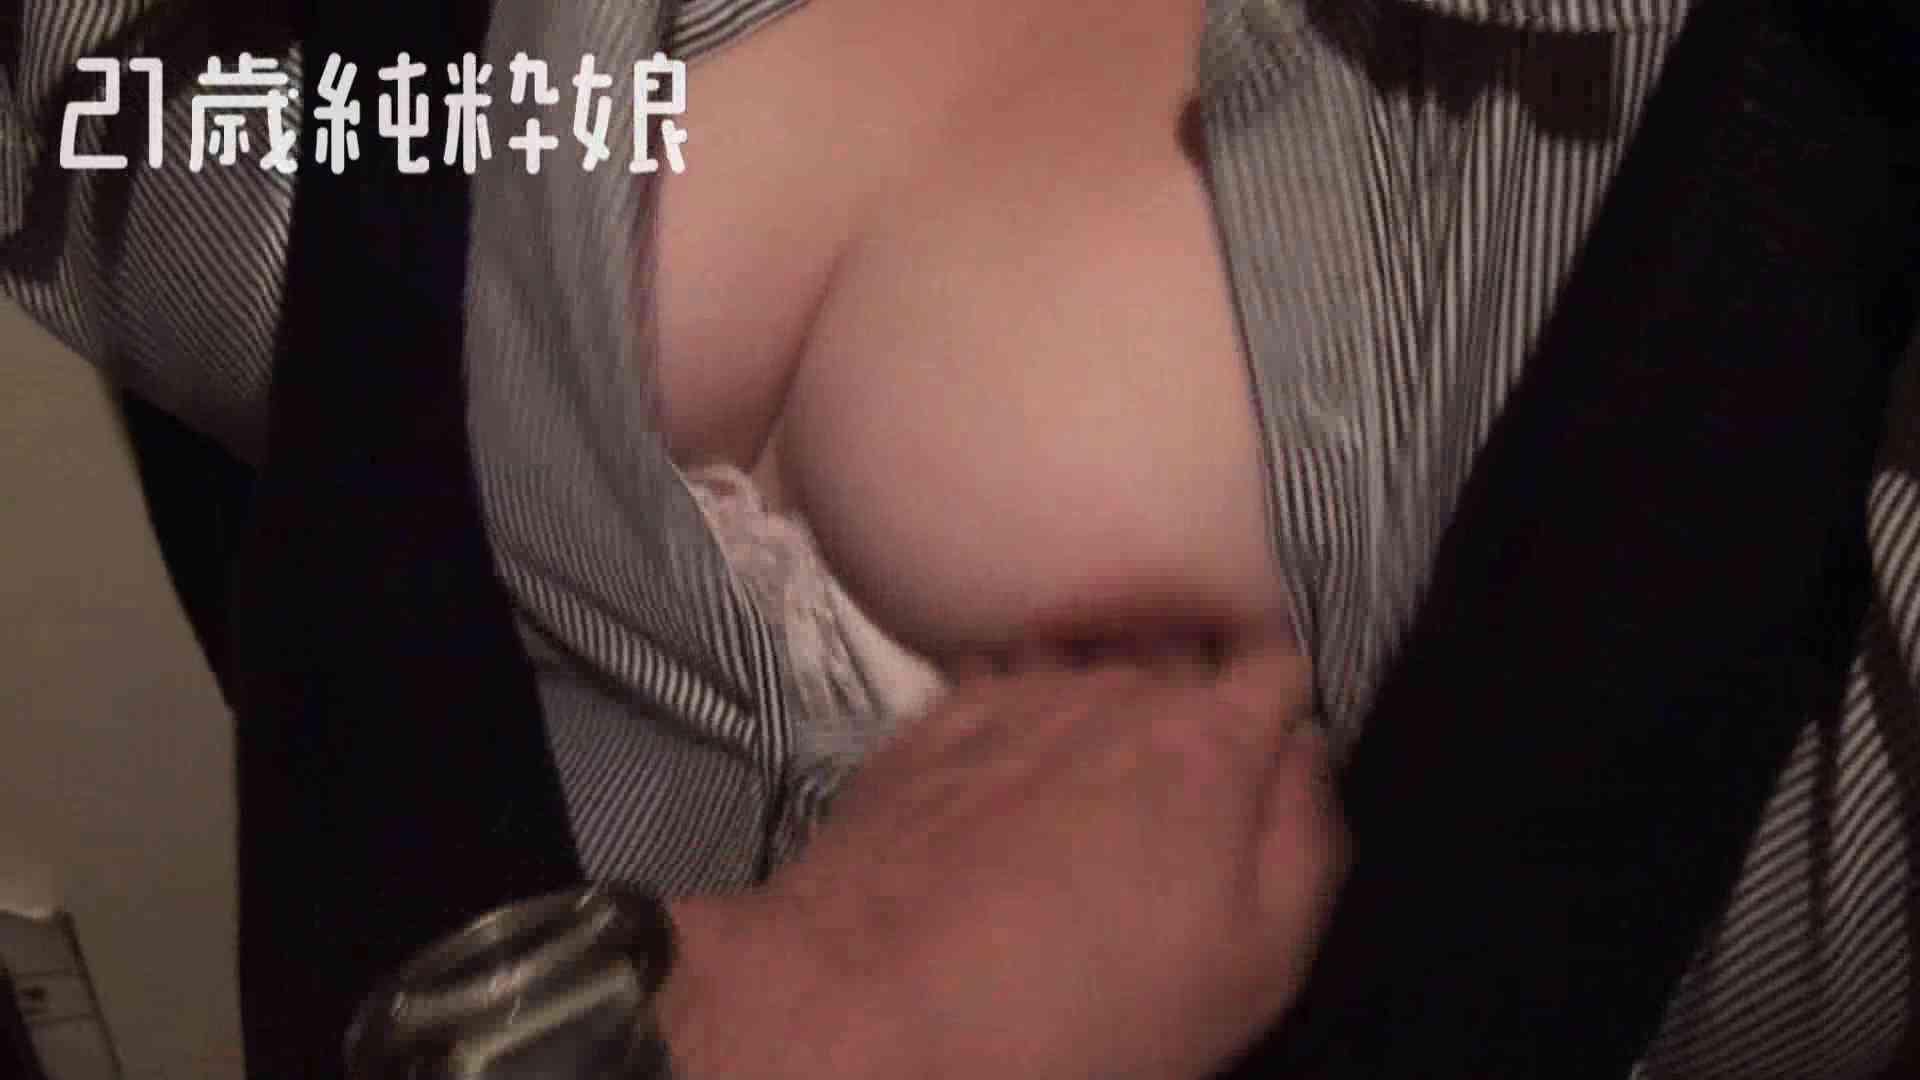 上京したばかりのGカップ21歳純粋嬢を都合の良い女にしてみた 投稿  52連発 7